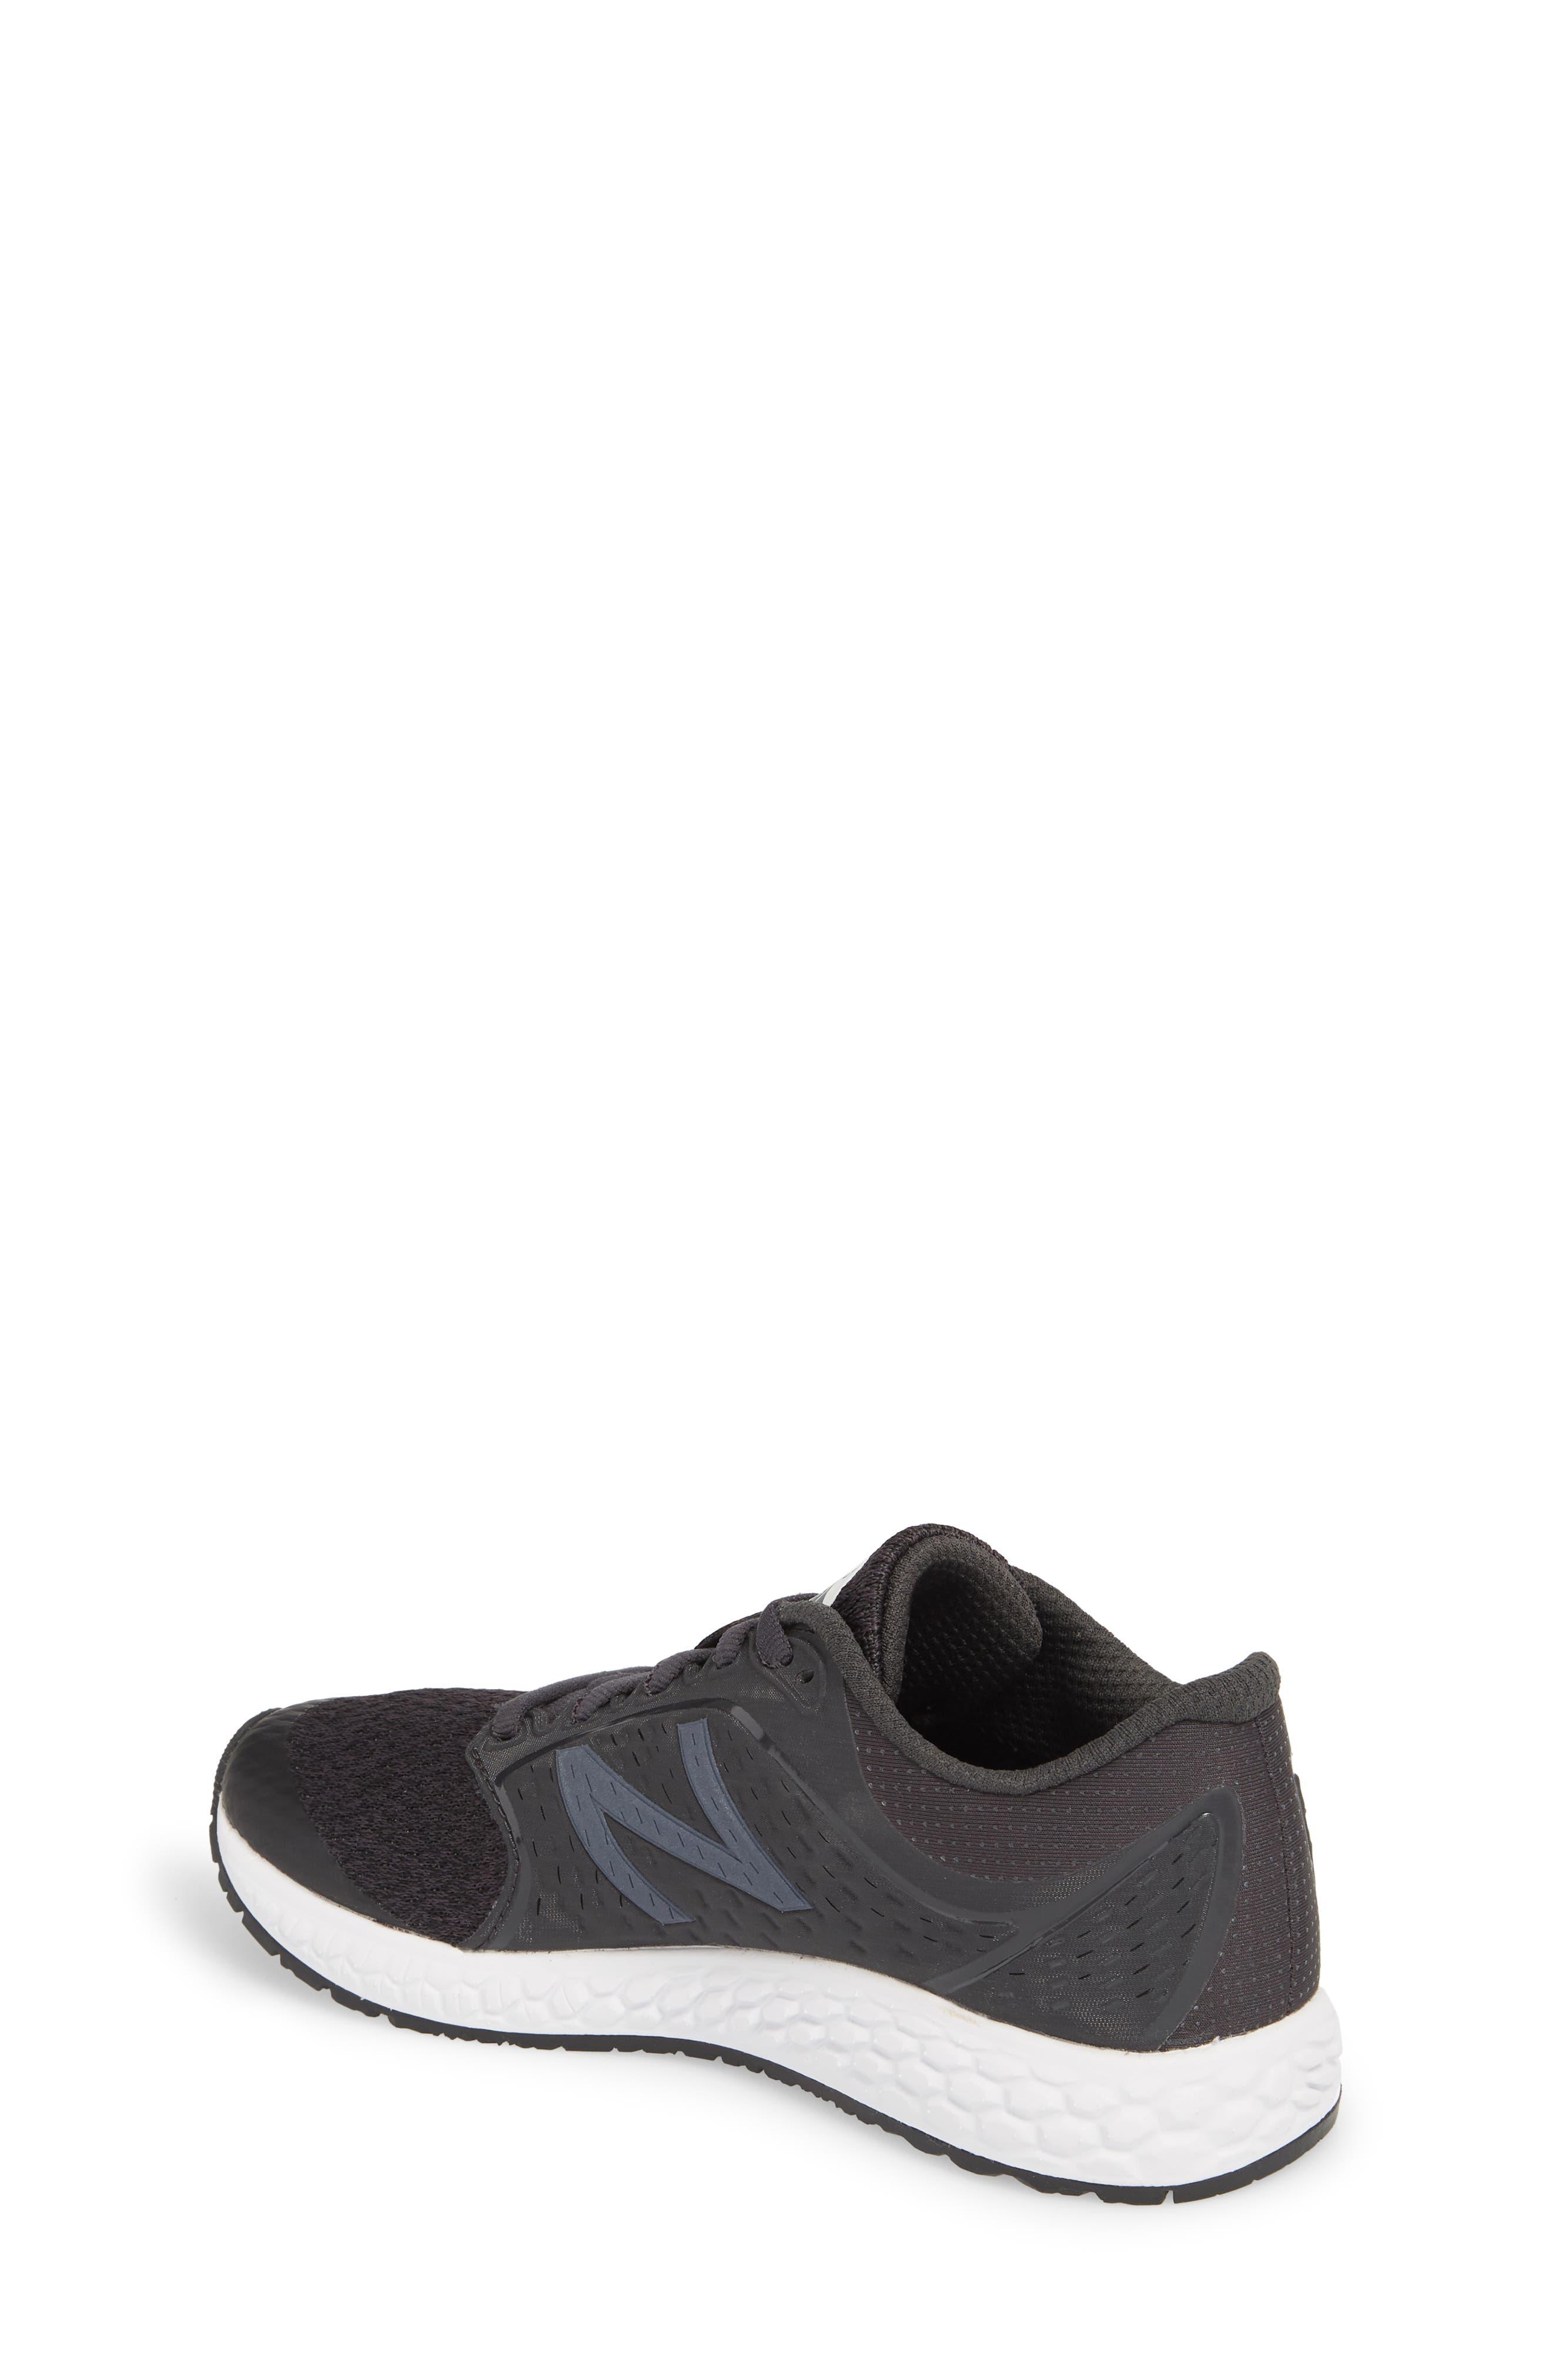 Fresh Foam Zante v4 Running Shoe,                             Alternate thumbnail 2, color,                             Black/ White